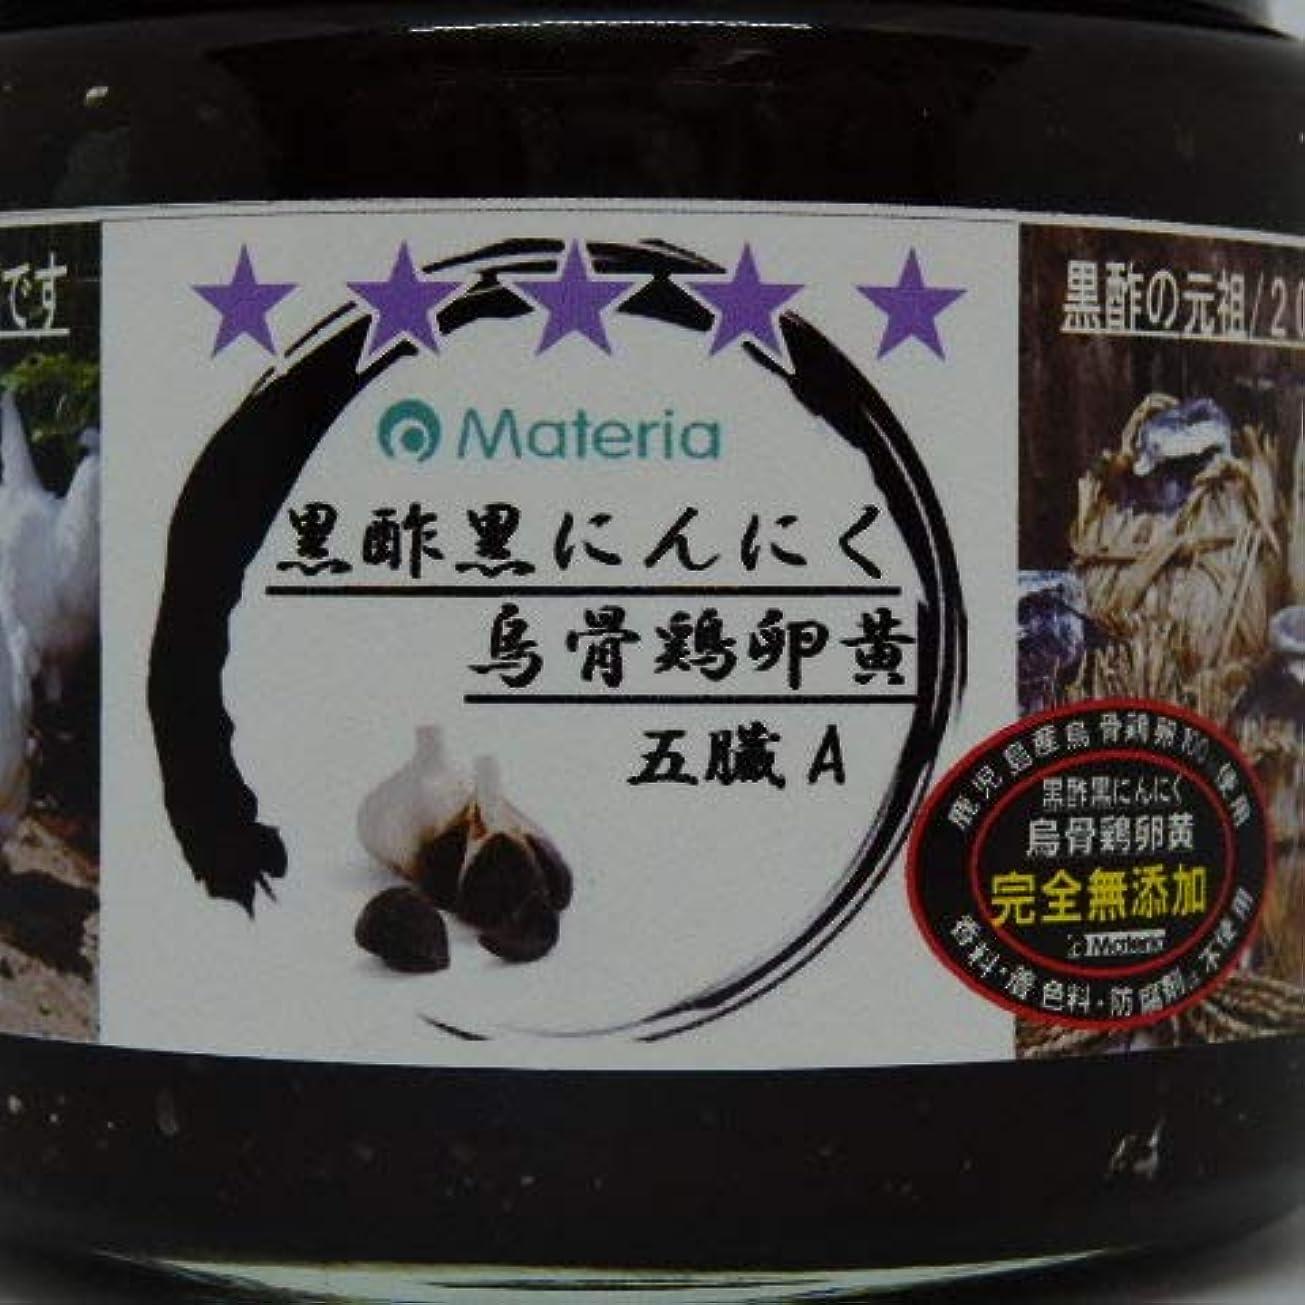 ソーセージ承知しましたなぜなら無添加健康食品/黒酢黒にんにく烏骨鶏卵黄/五臓系ペ-スト早溶150g(1月分)¥11,600